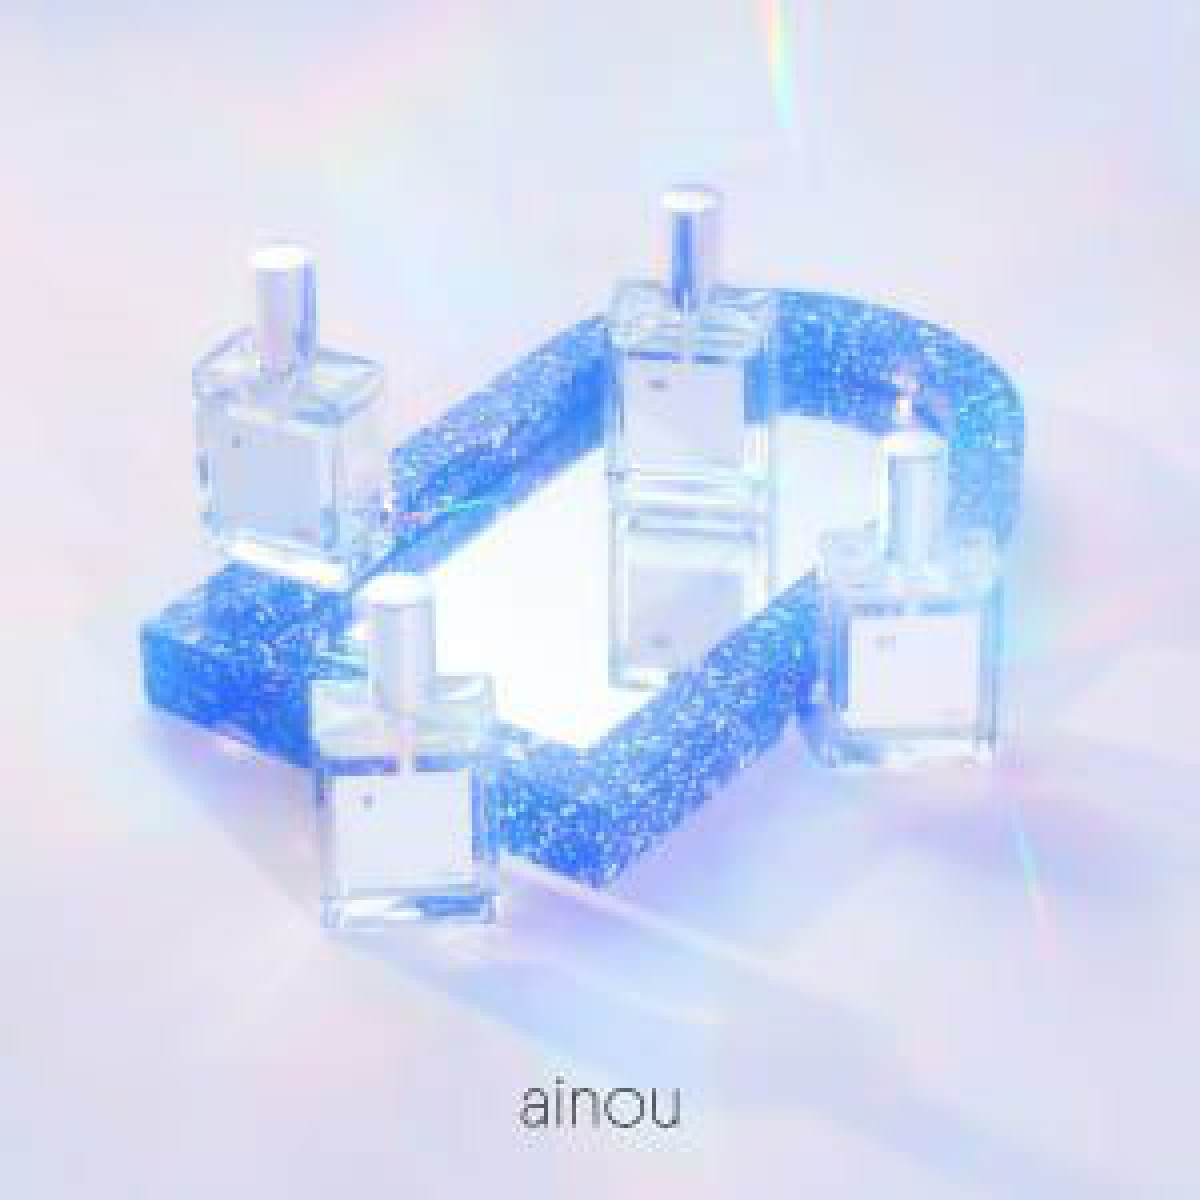 香水ブランド「アイノウ」始動、菅沼ゆりやゆうたろうらがプロデュースしたファーストコレクション発売